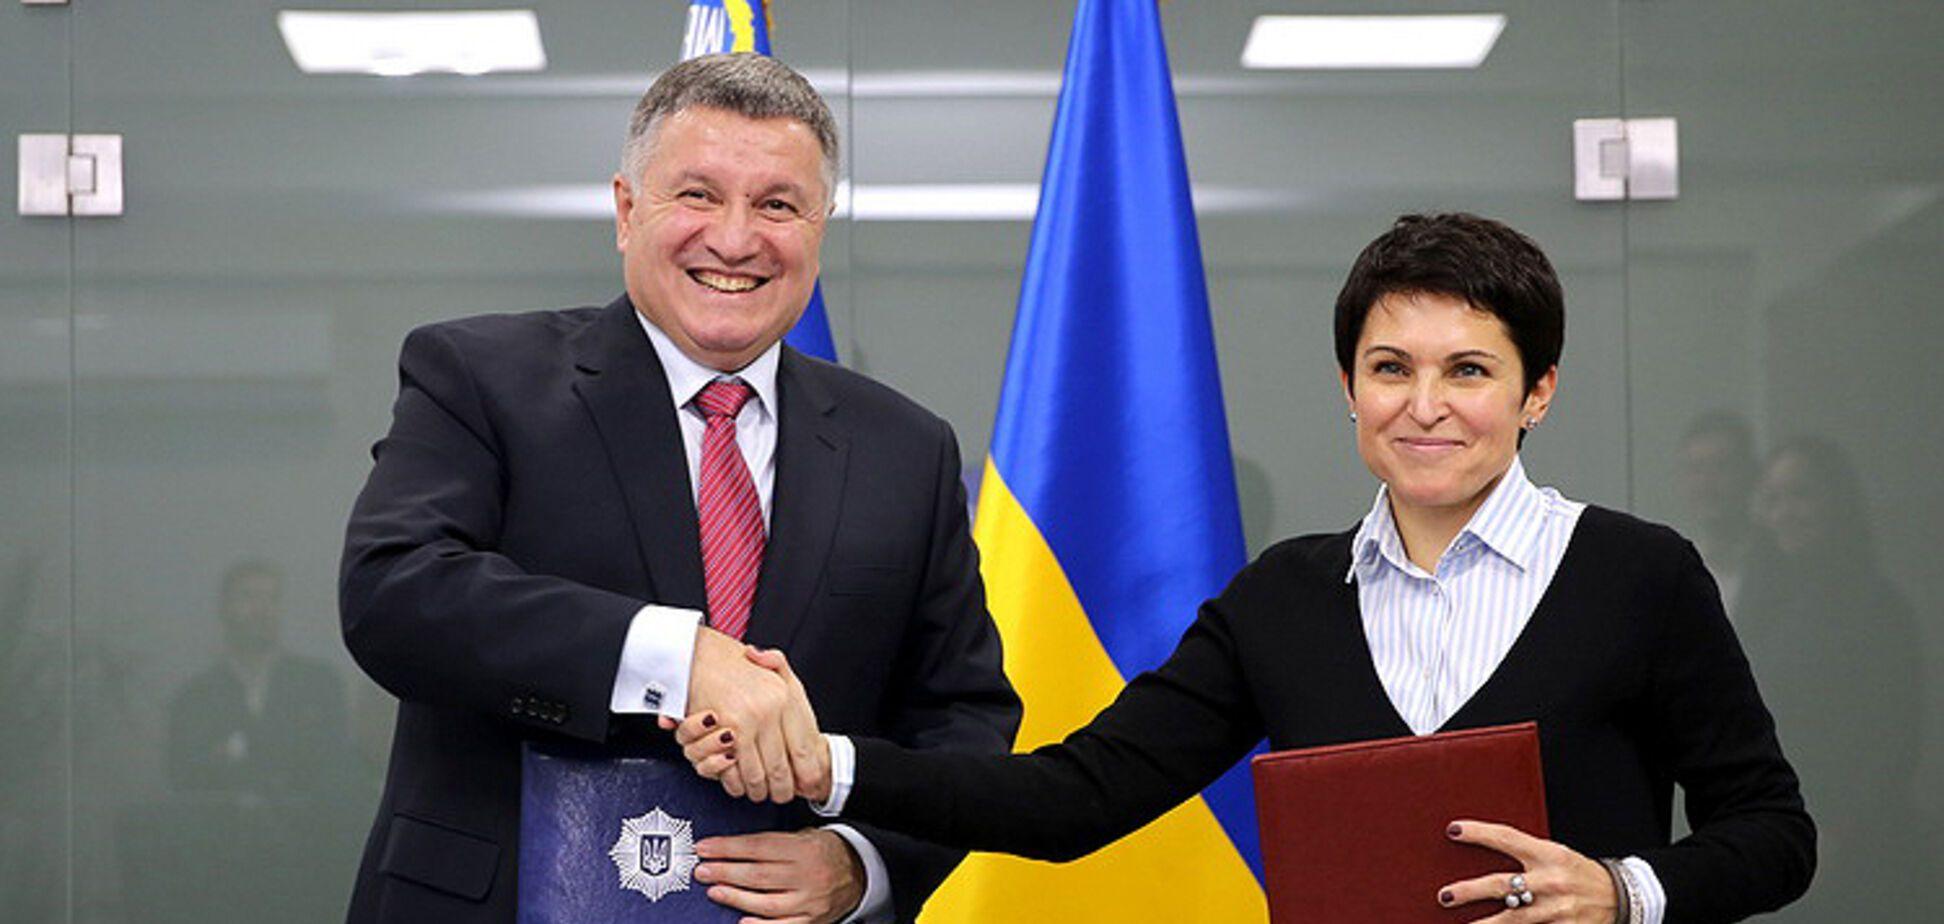 Вибори в Україні: стало відомо про важливий договір між МВС і ЦВК